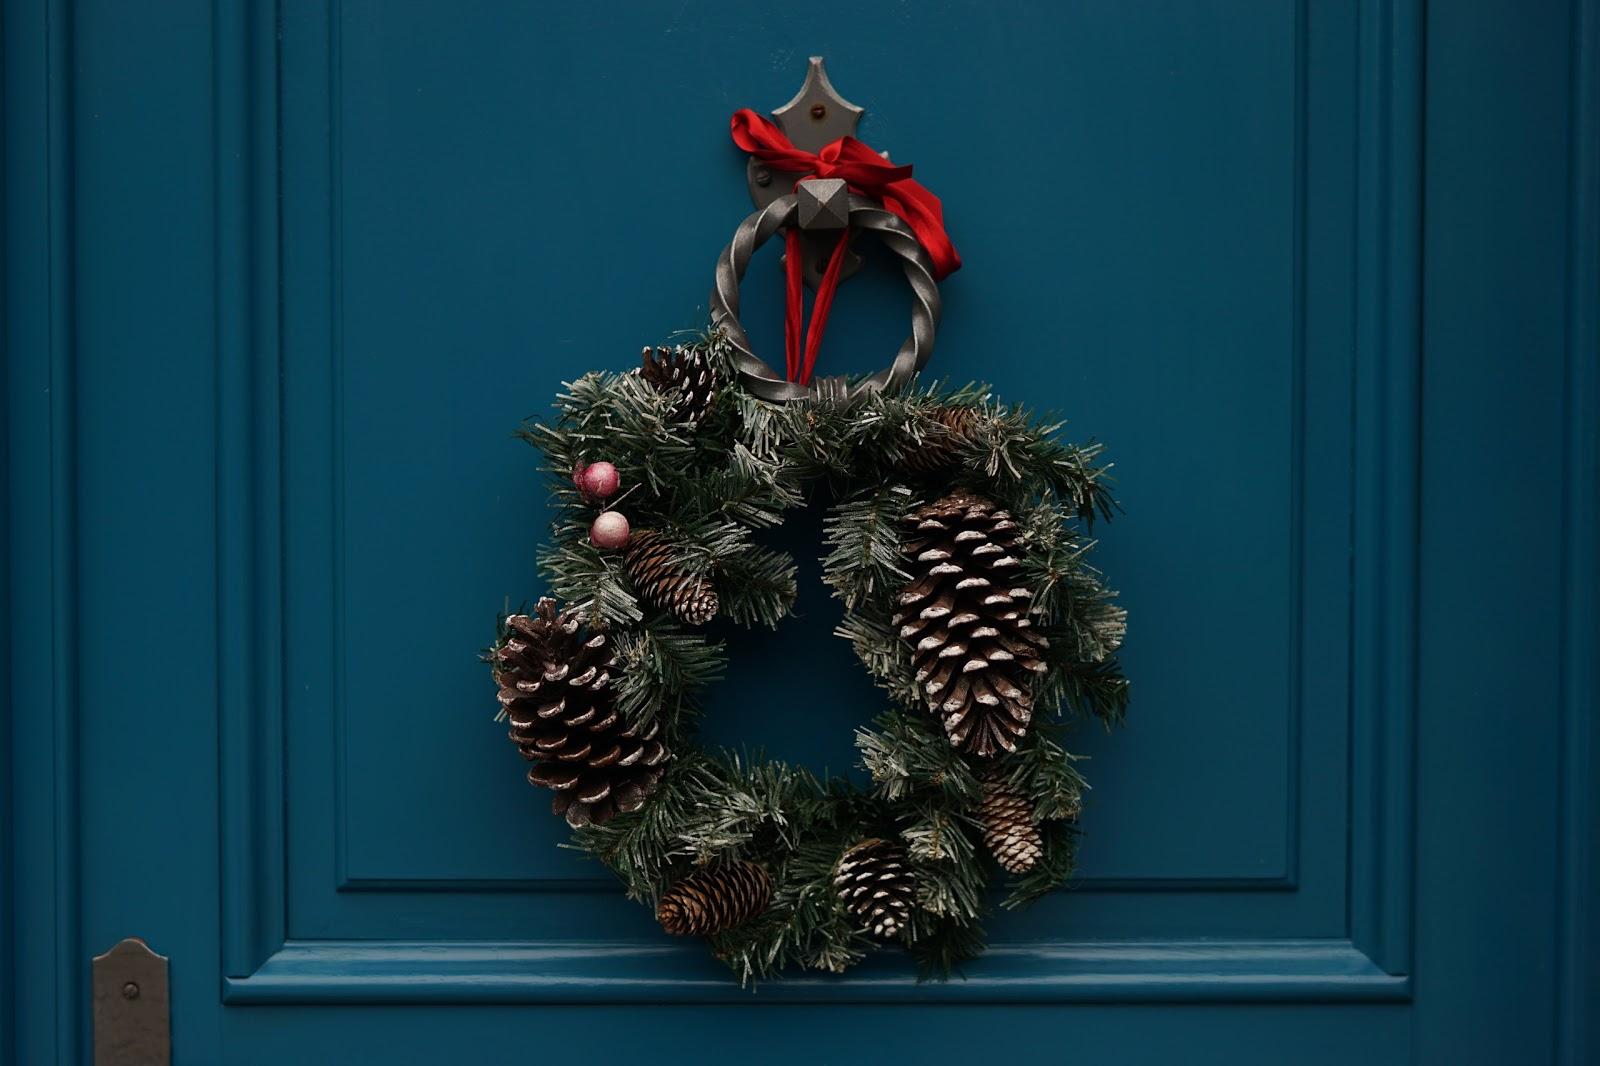 松毬が付いたクリスマスリースがかかった深い青の扉